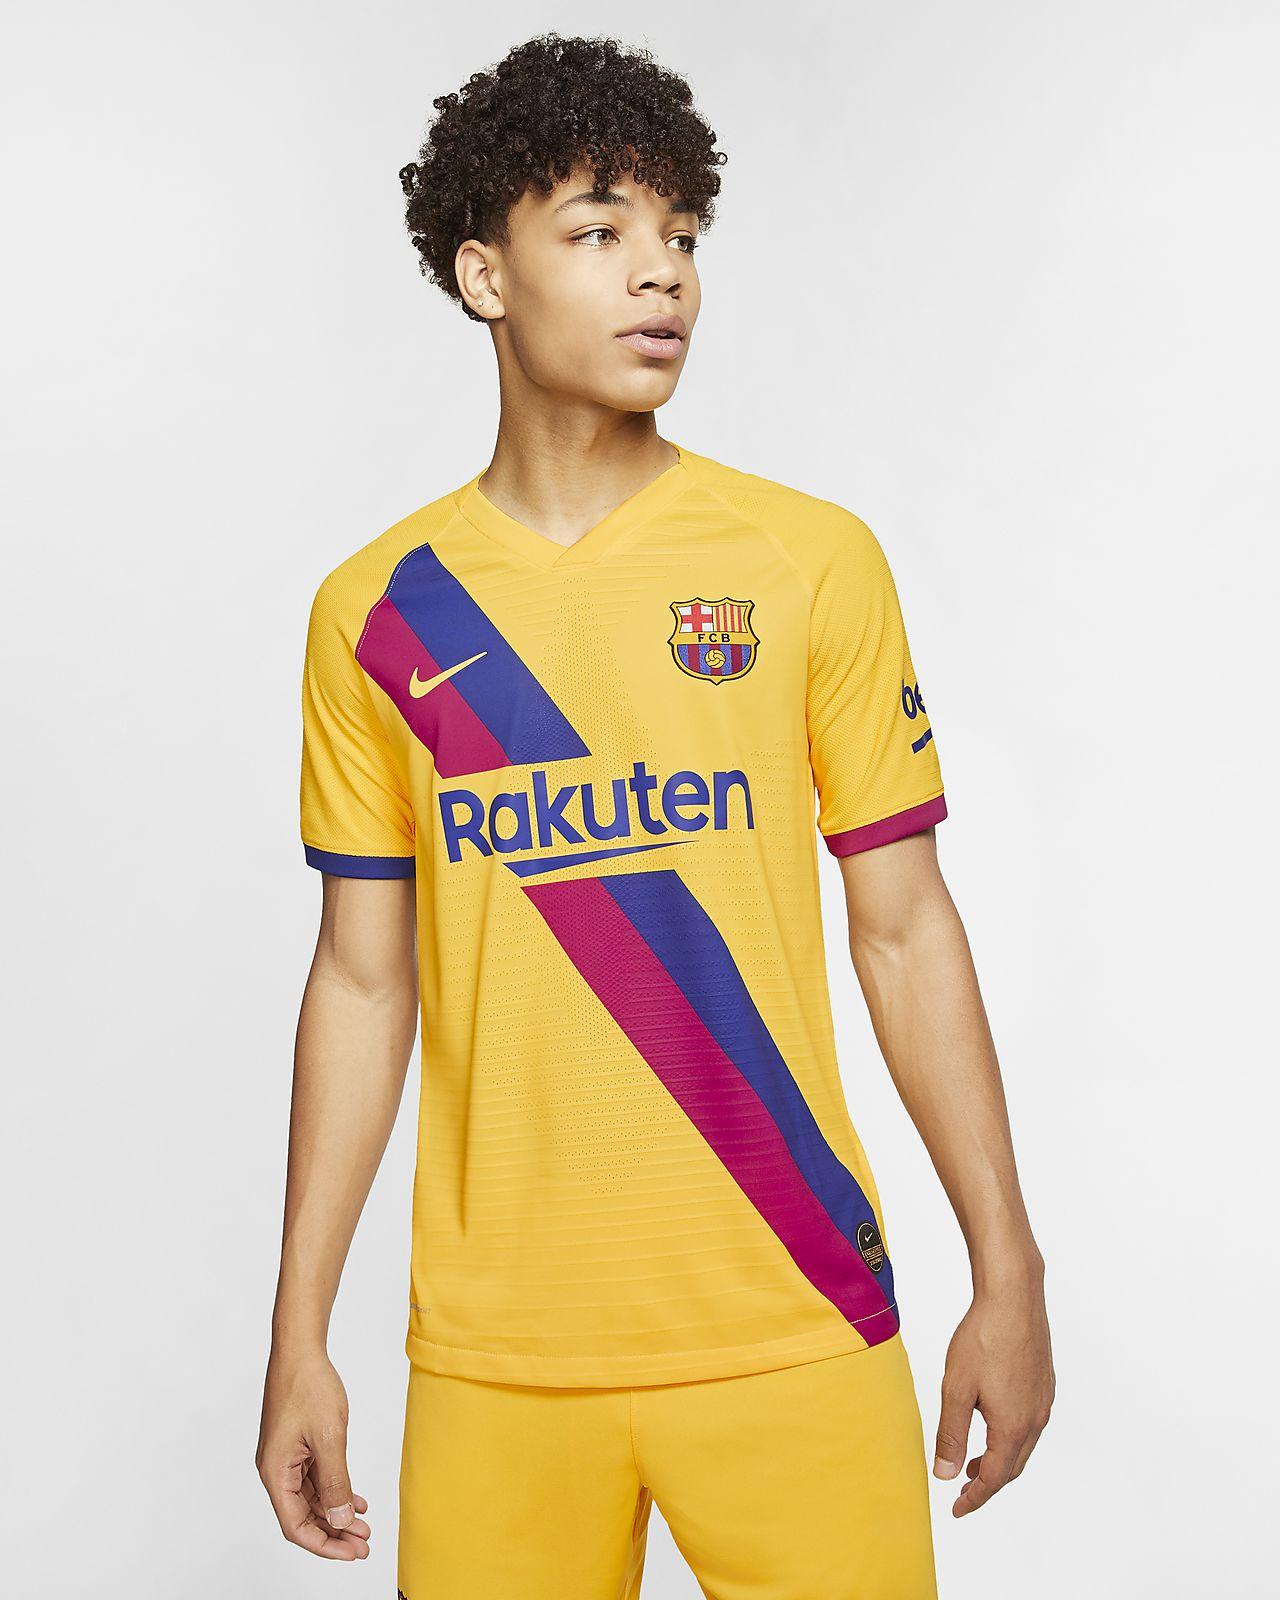 cheaper 8a3f1 a39ff FC Barcelona 2019/20 Vapor Match Away Men's Soccer Jersey